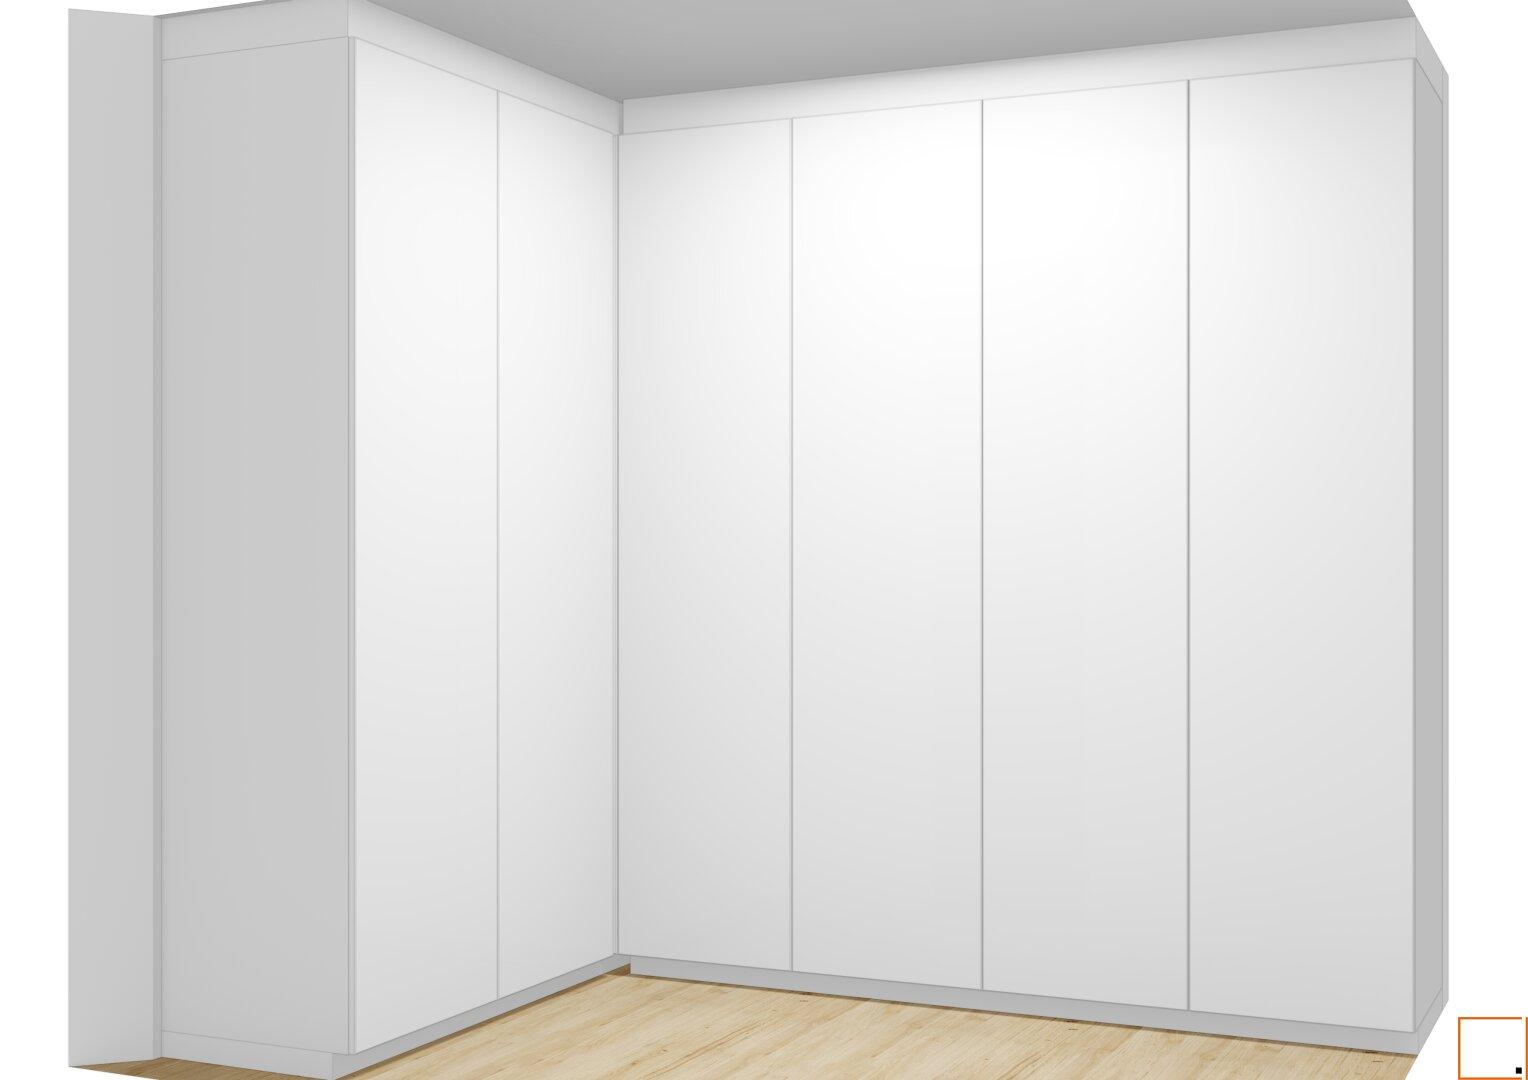 Visualisierung Einbauschrank Schlafzimmer